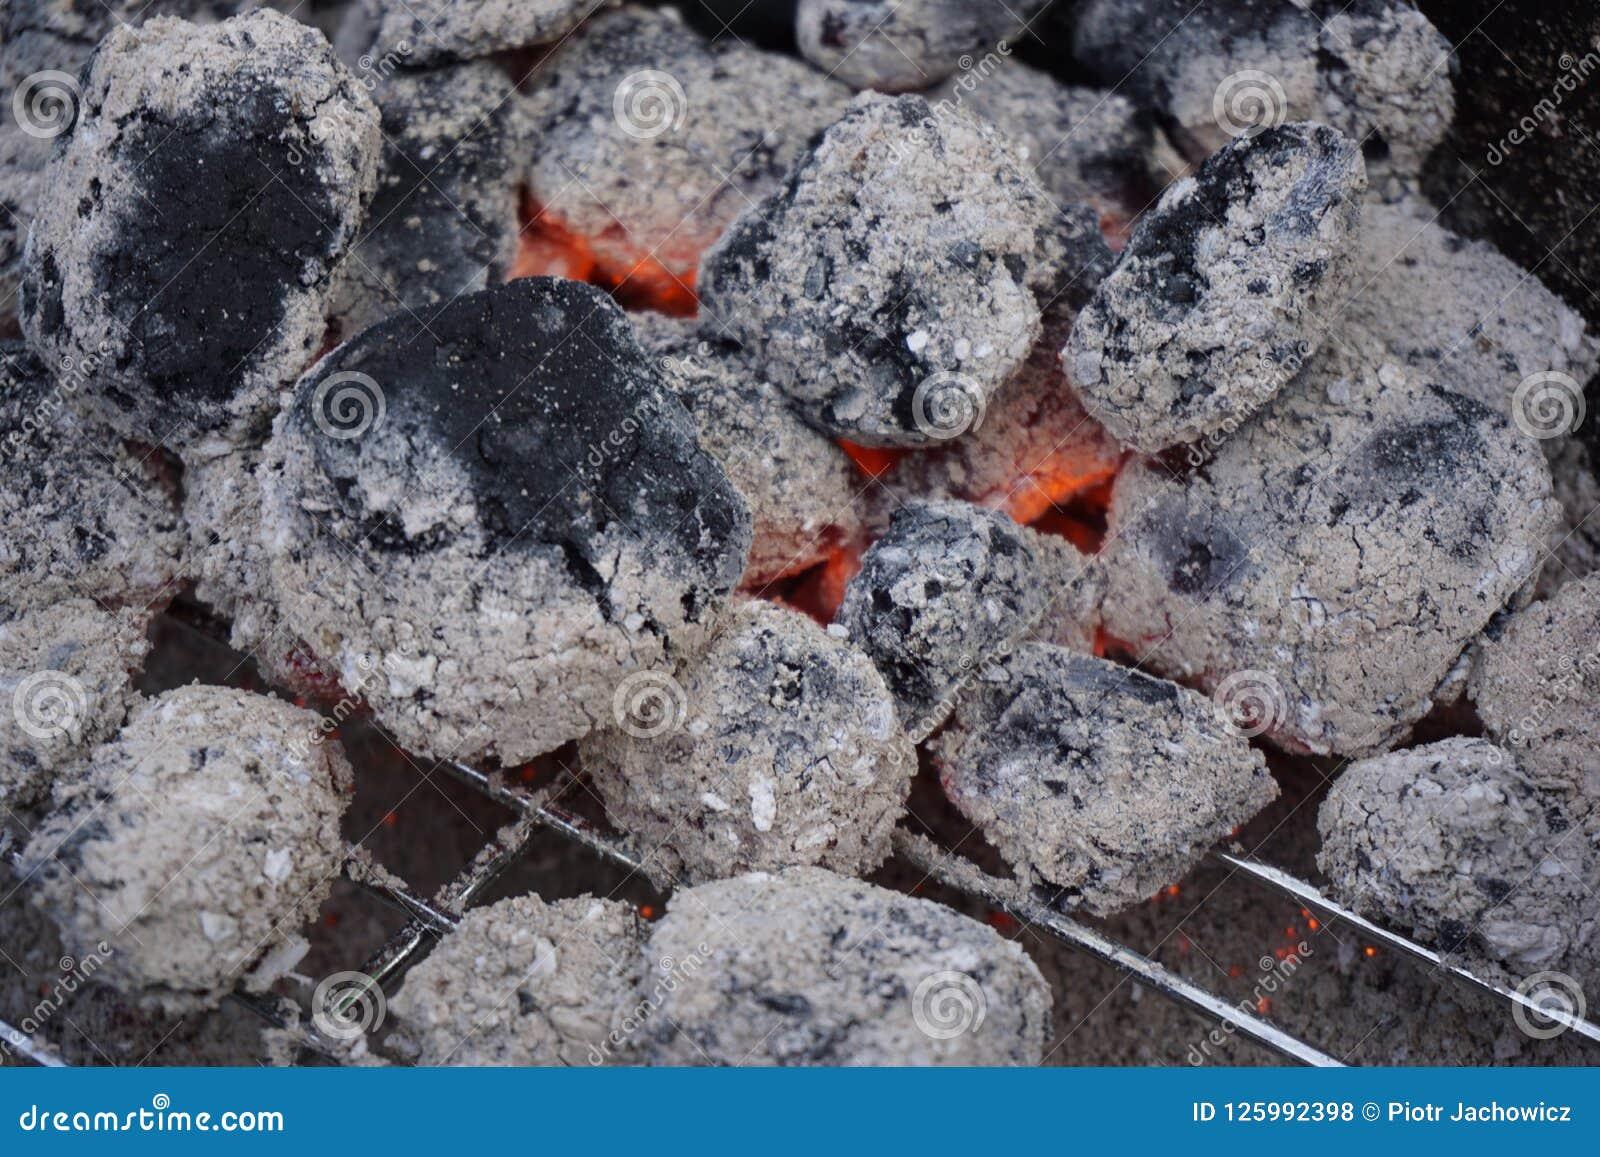 Jarzy się kawałki węgiel drzewny kłamają na grillu